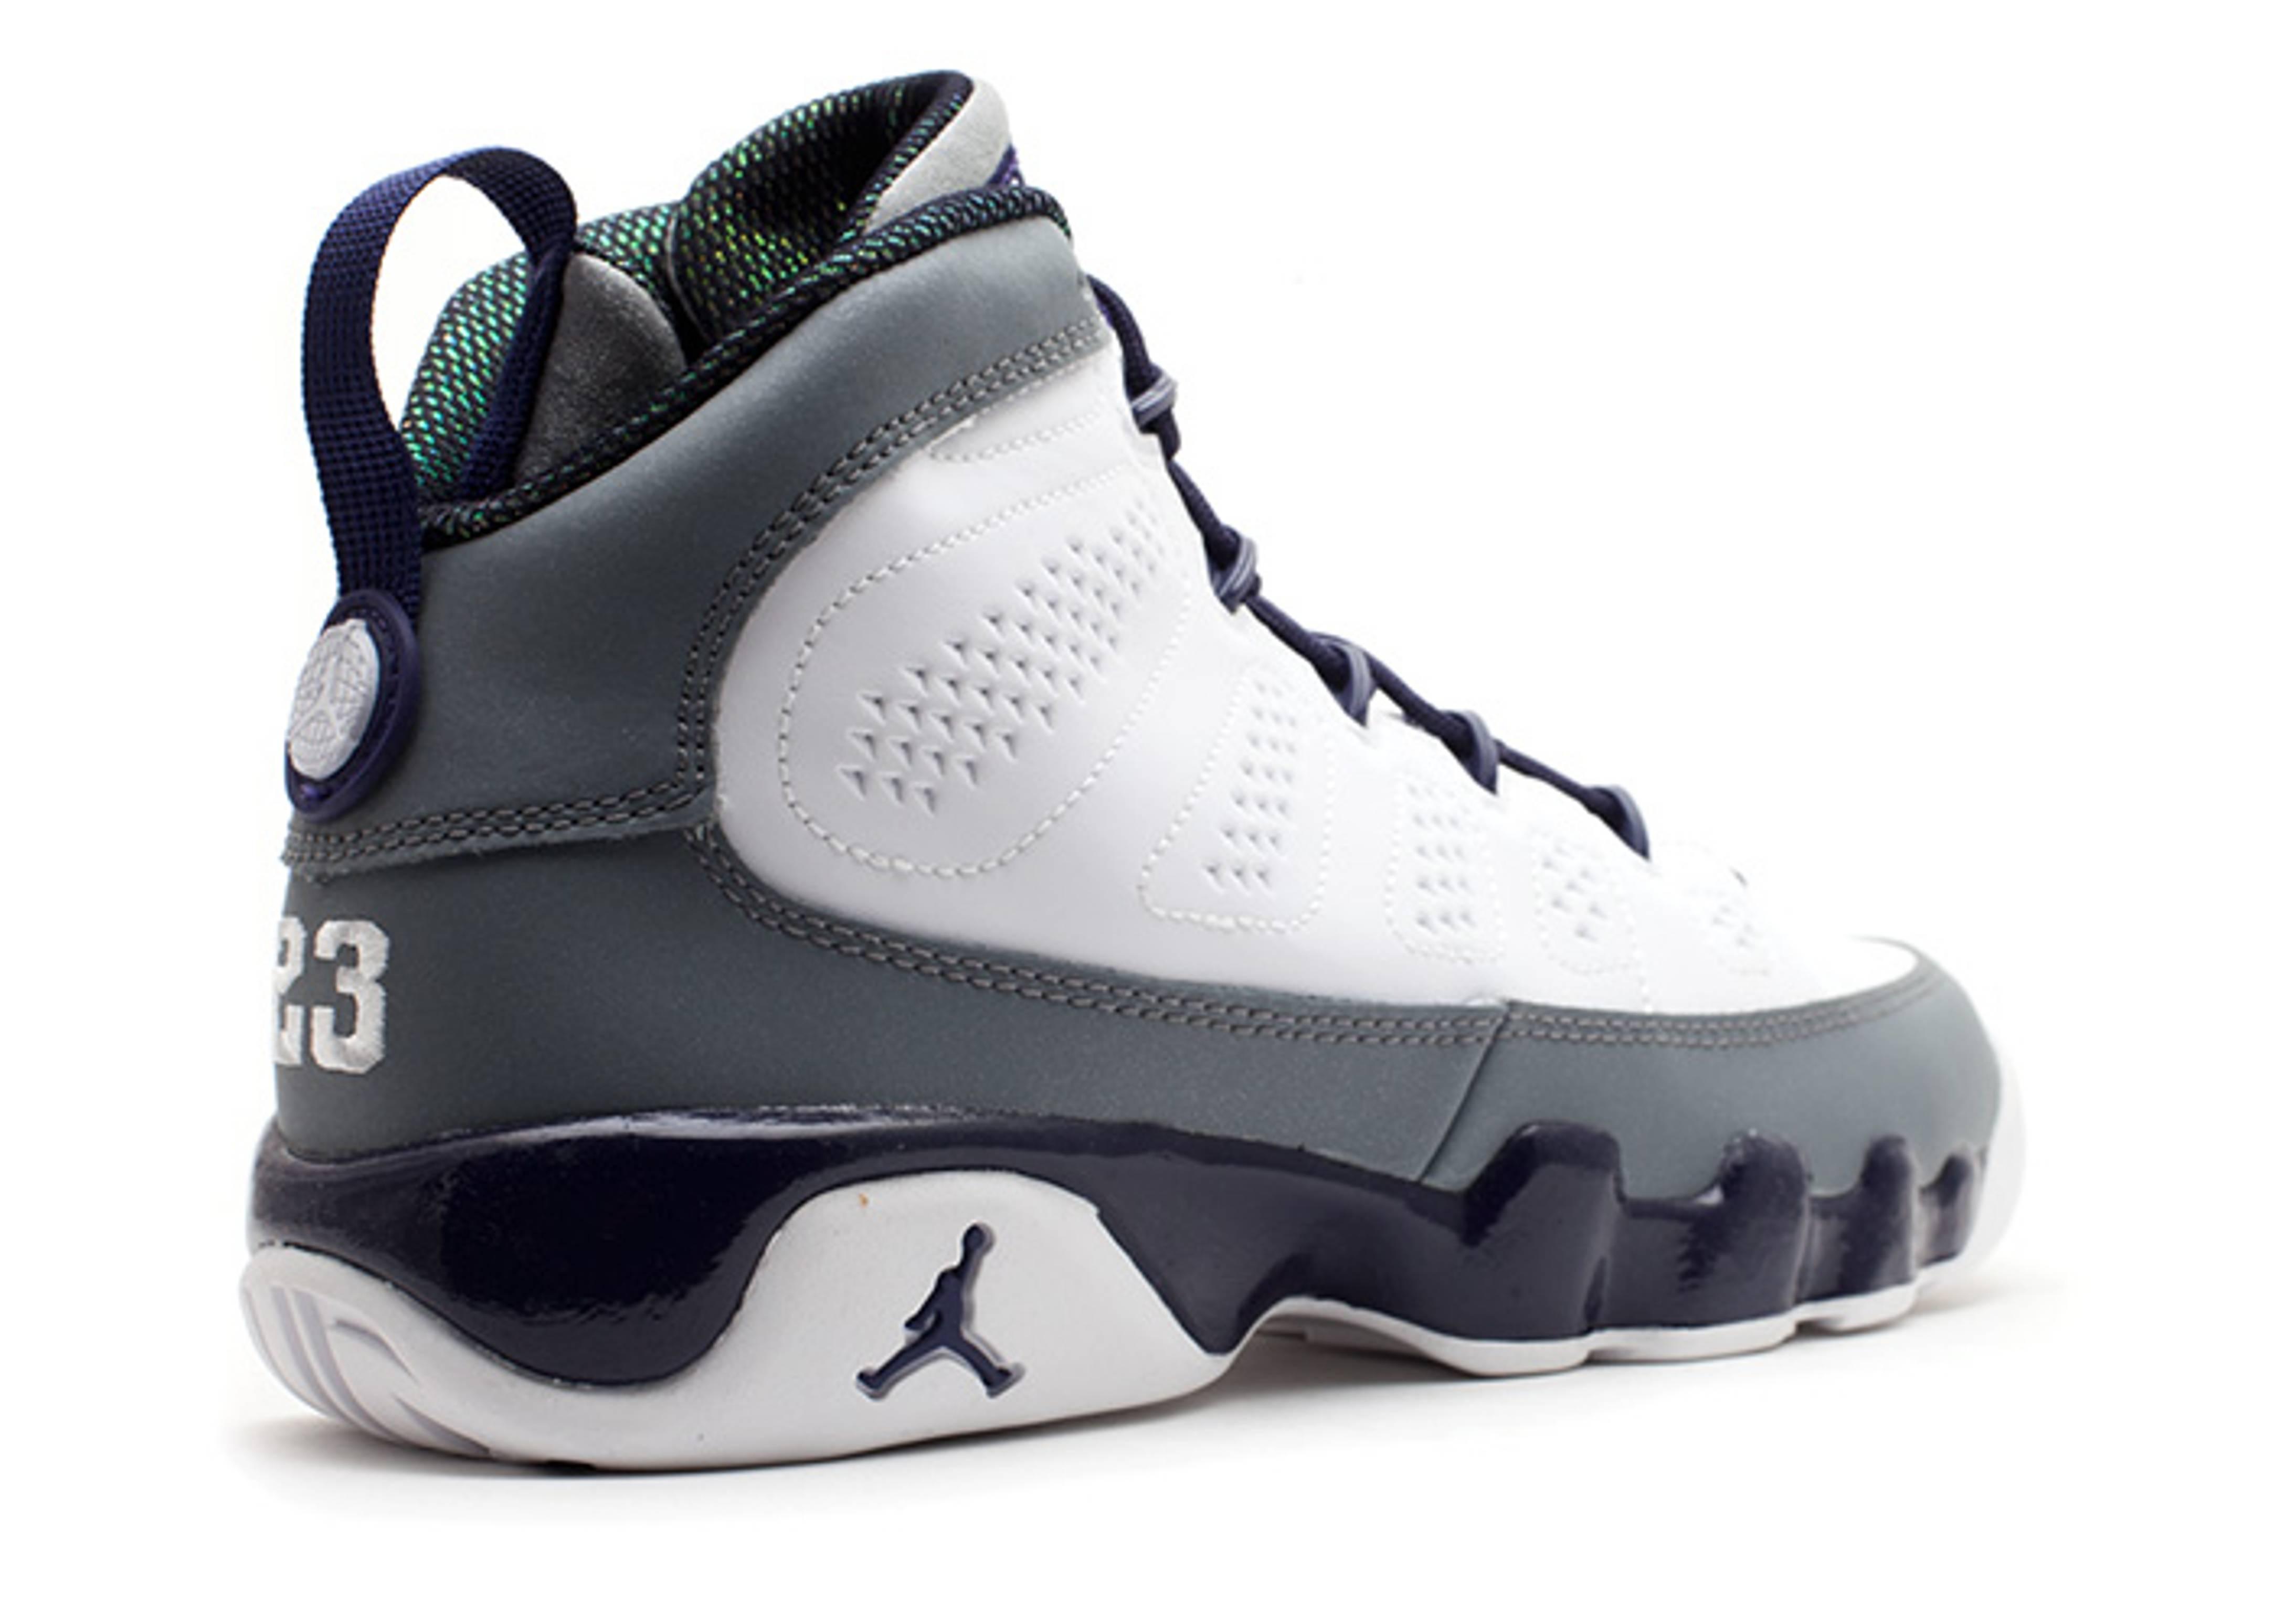 f133a7dd104 Girls Air Jordan 9 Retro (gs) - Air Jordan - 537736 109 - white ...